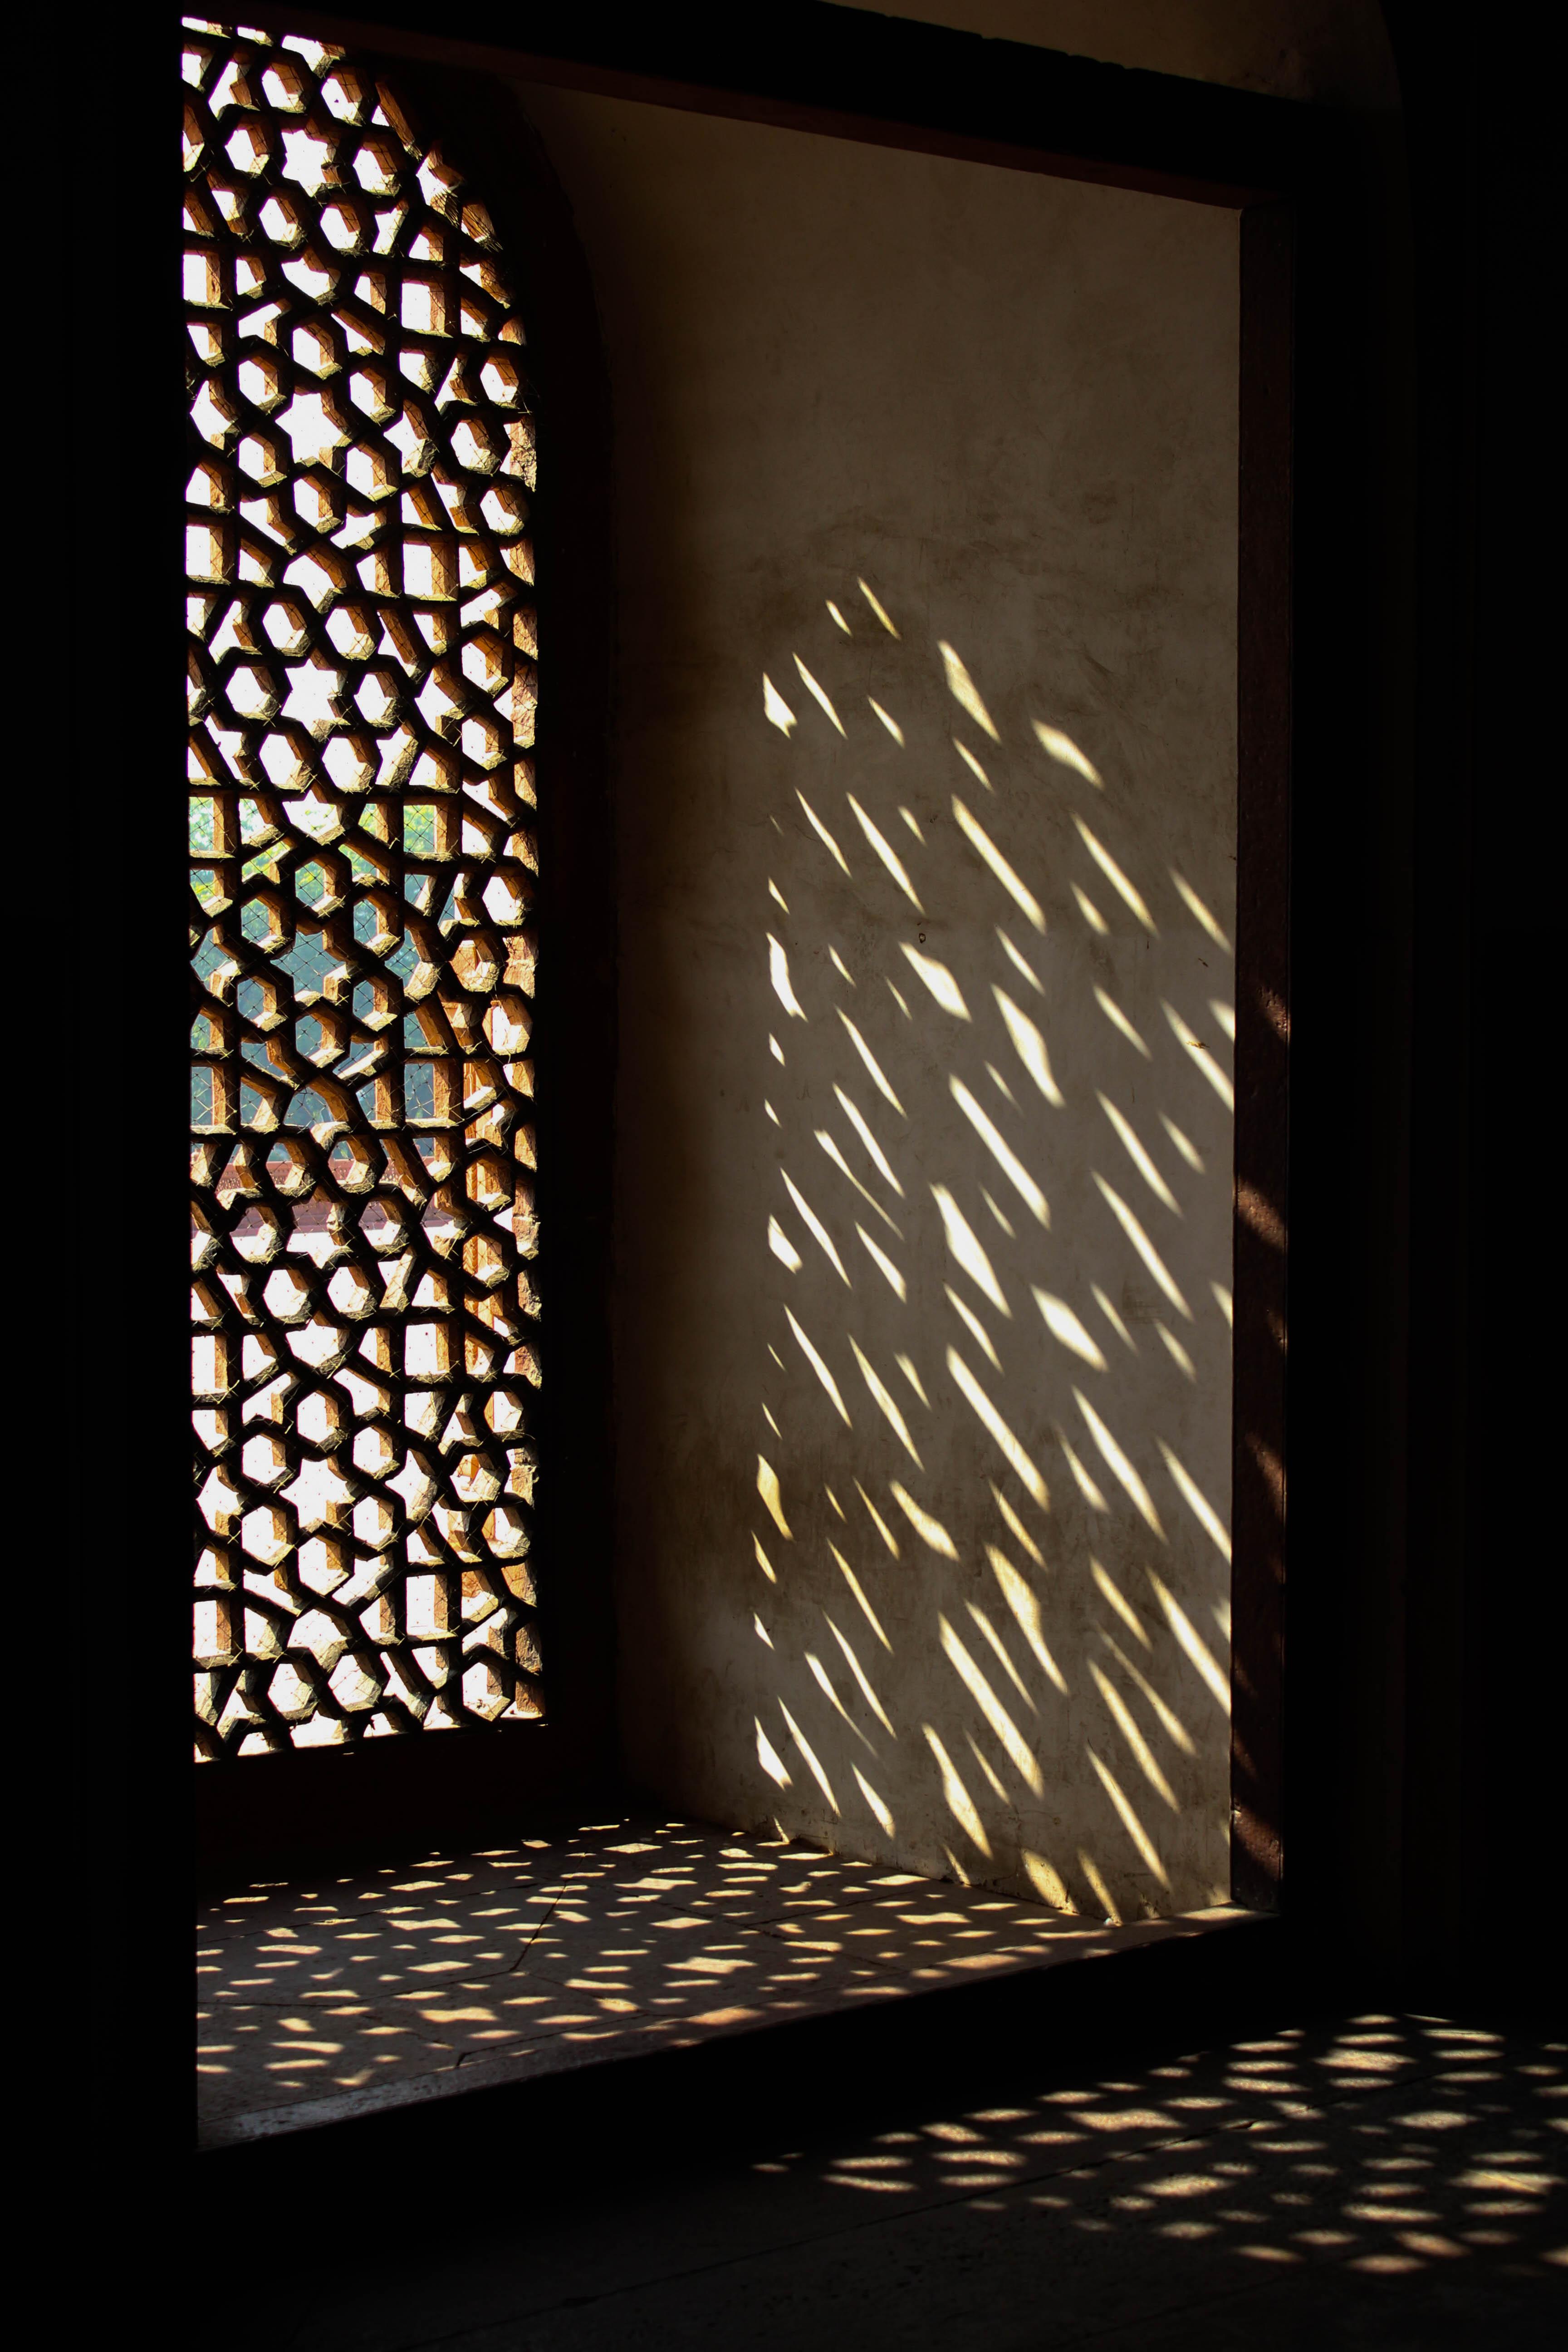 India, Mogul palace window screen